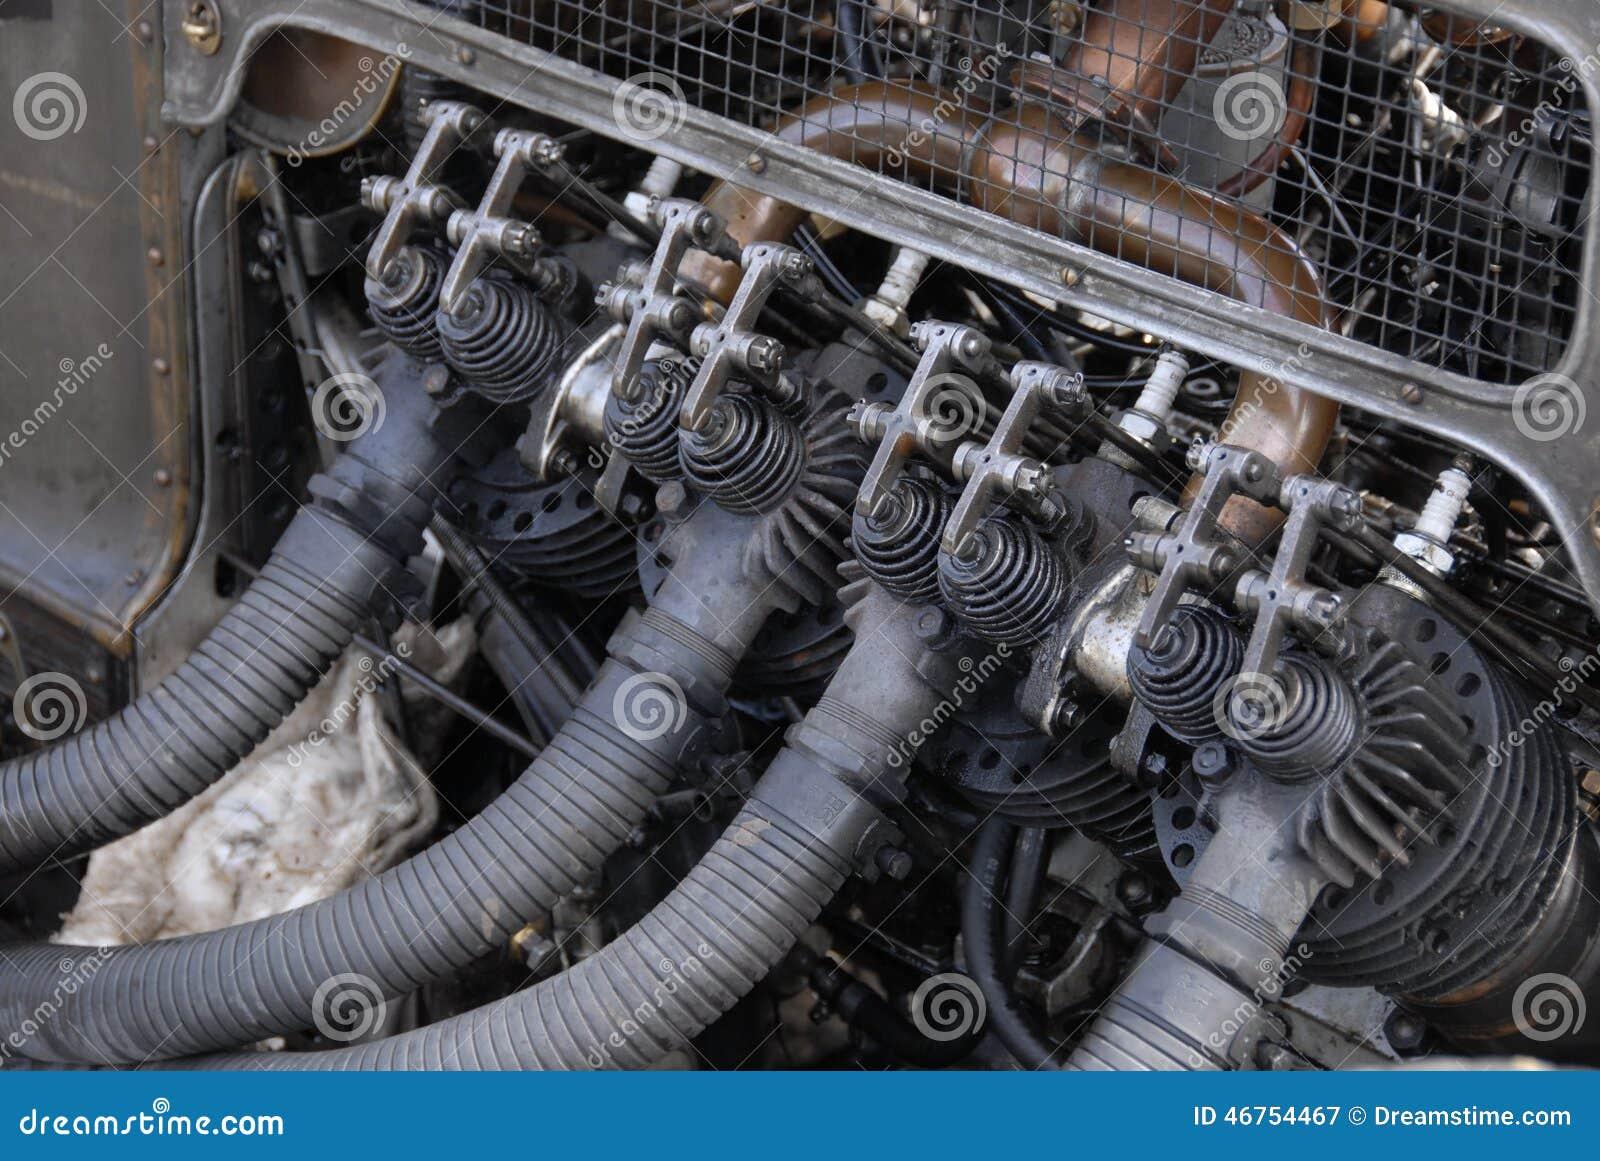 Vintage Car Engine stock image. Image of engine, taken - 46754467